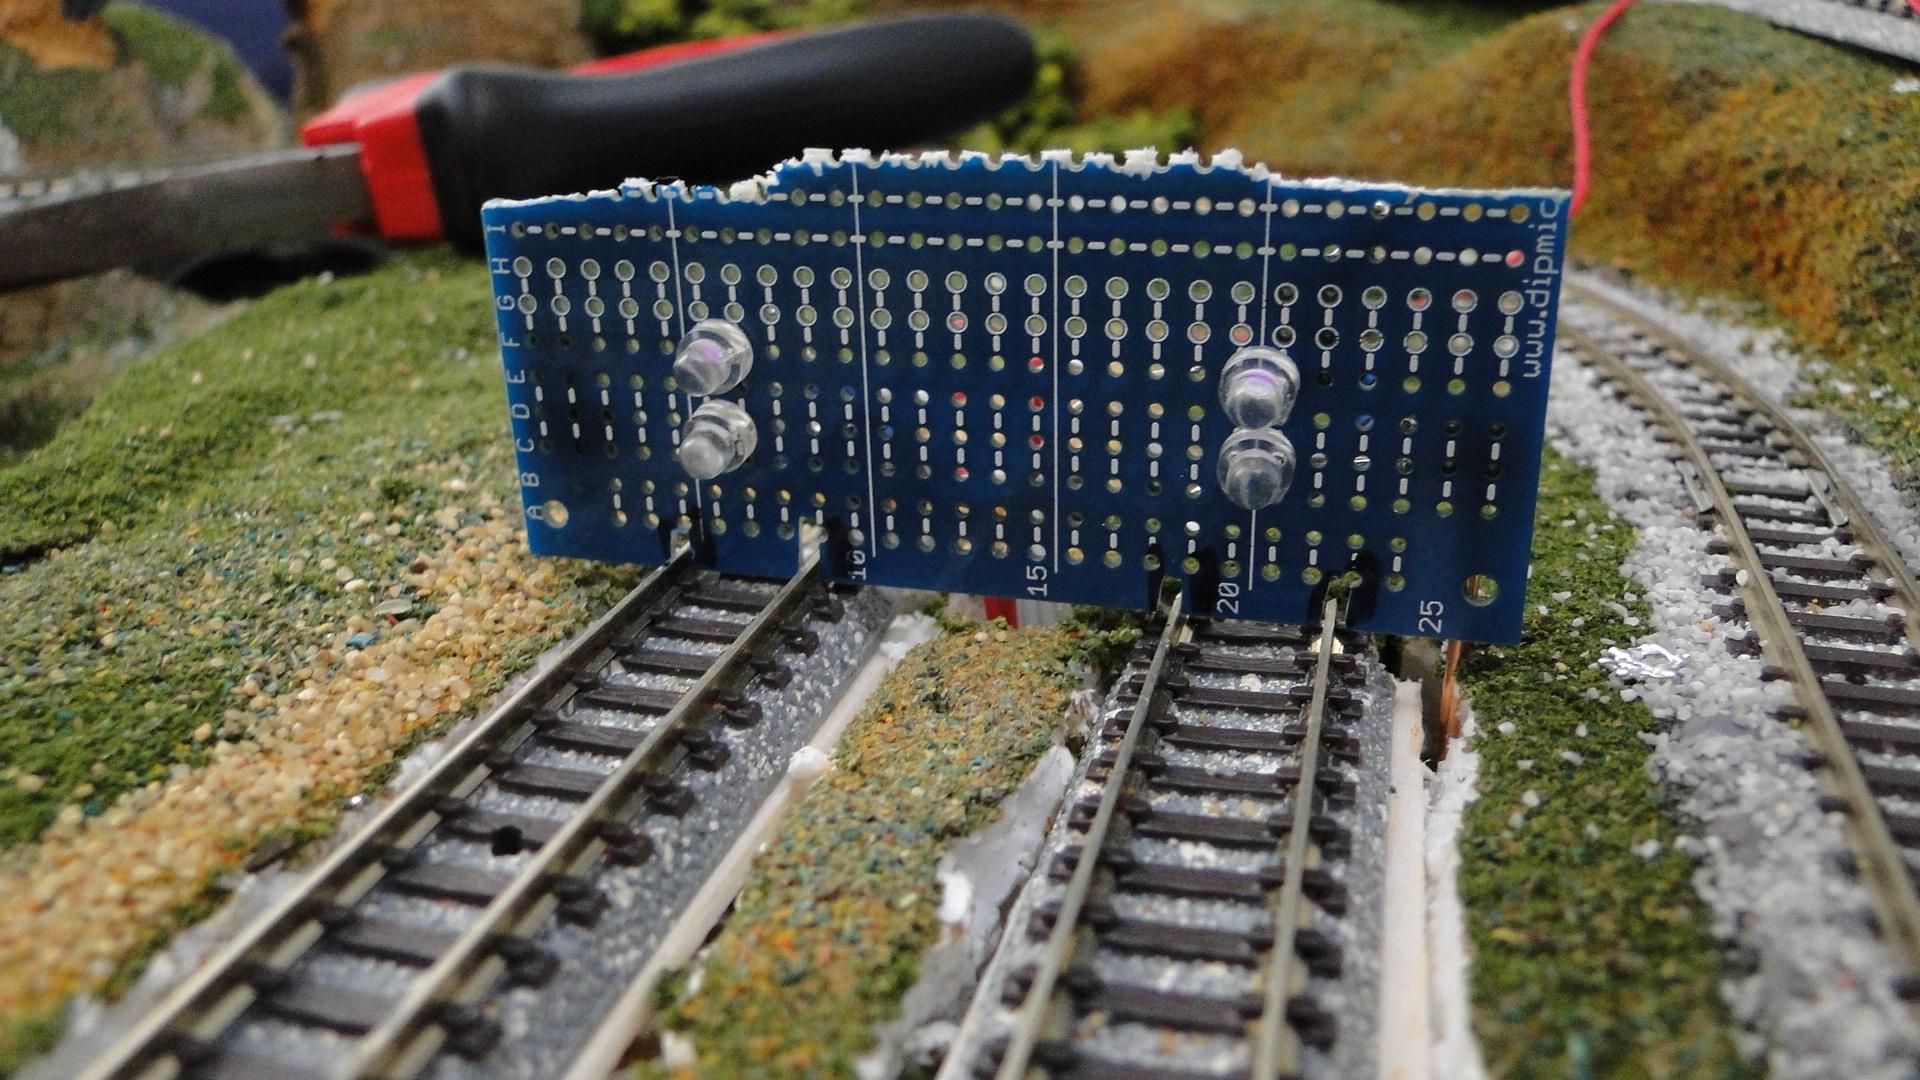 Infrared Arduino Revisited Modelrailotenko Ir Beam Breaker The